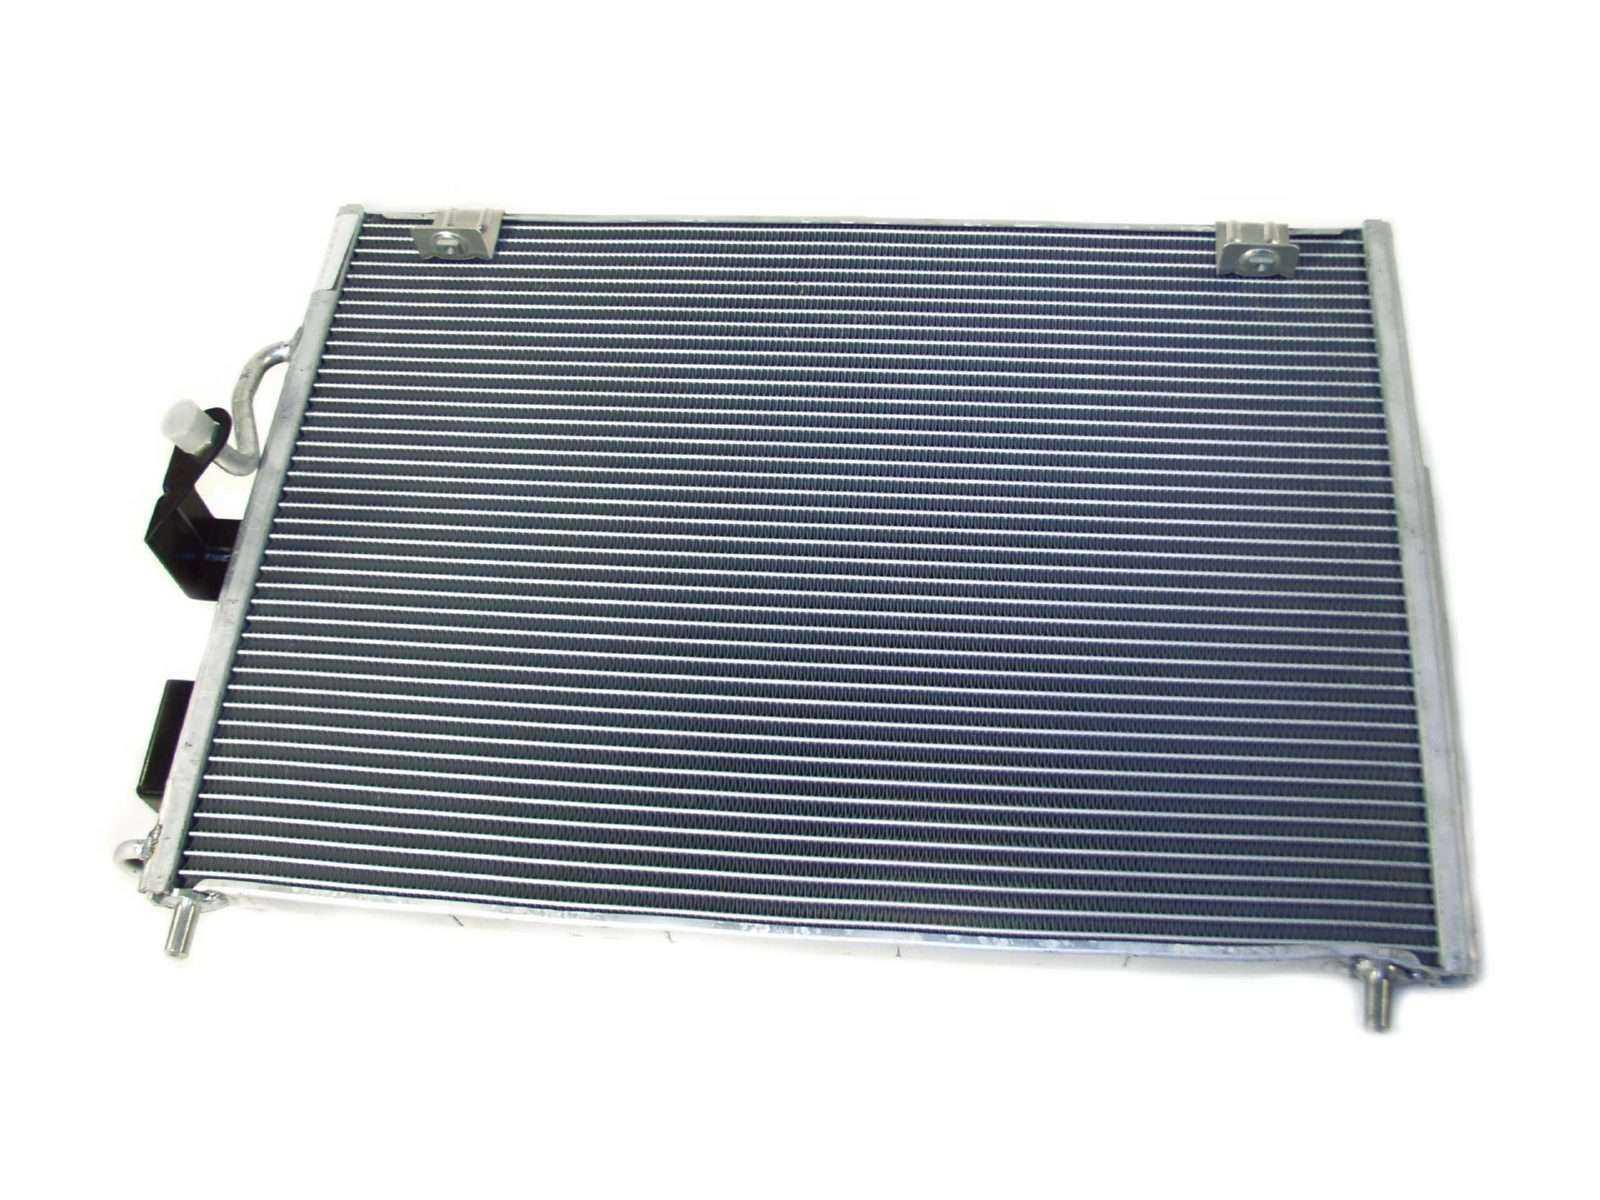 condenseur radiateur de climatisation r134a volvo 440 460 et 480 pi ces pour volvo. Black Bedroom Furniture Sets. Home Design Ideas